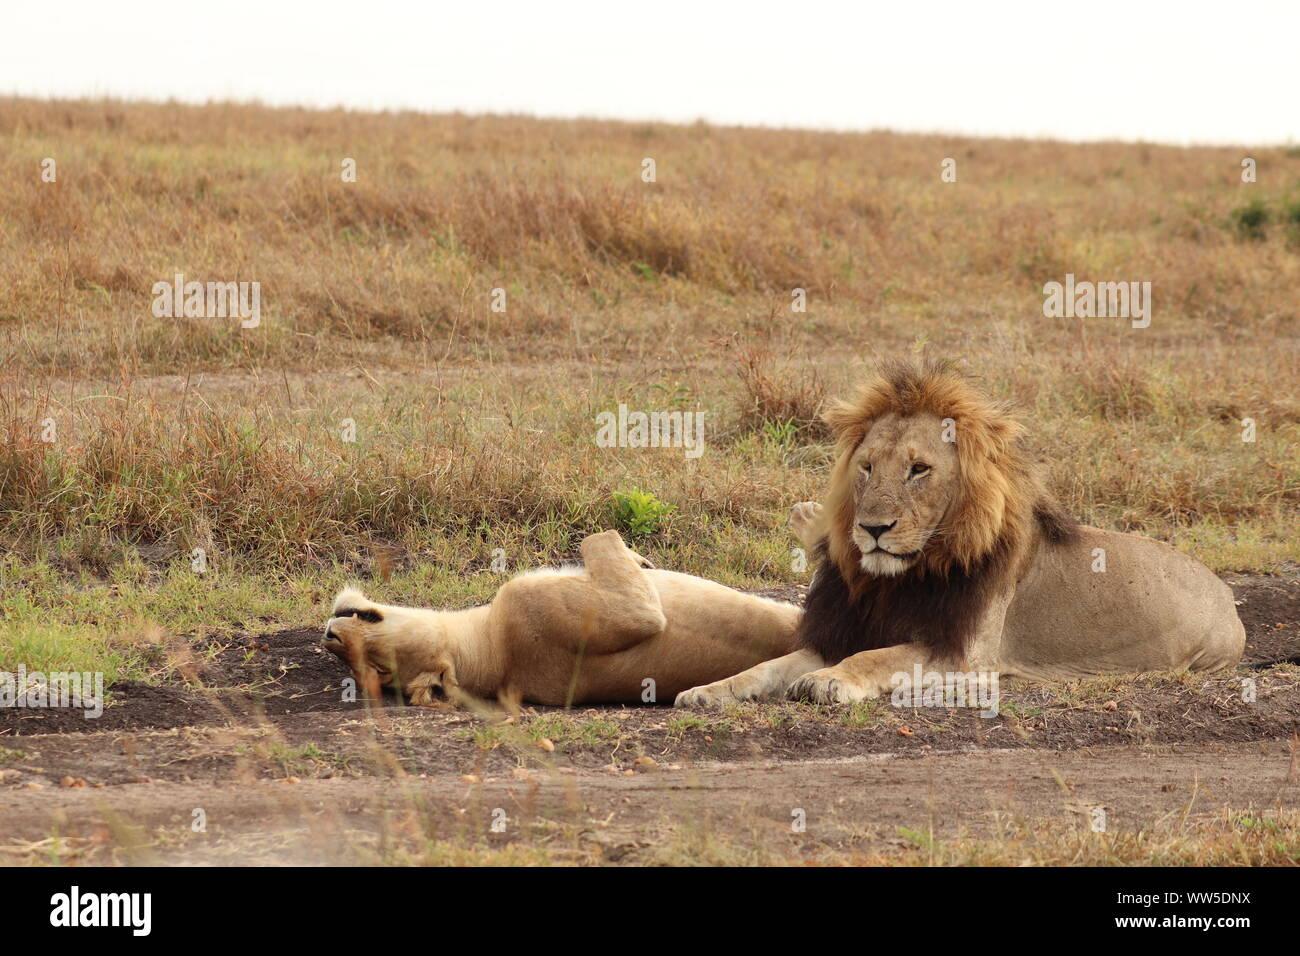 Y León León en la sabana, el Parque Nacional de Masai Mara, Kenya. Foto de stock